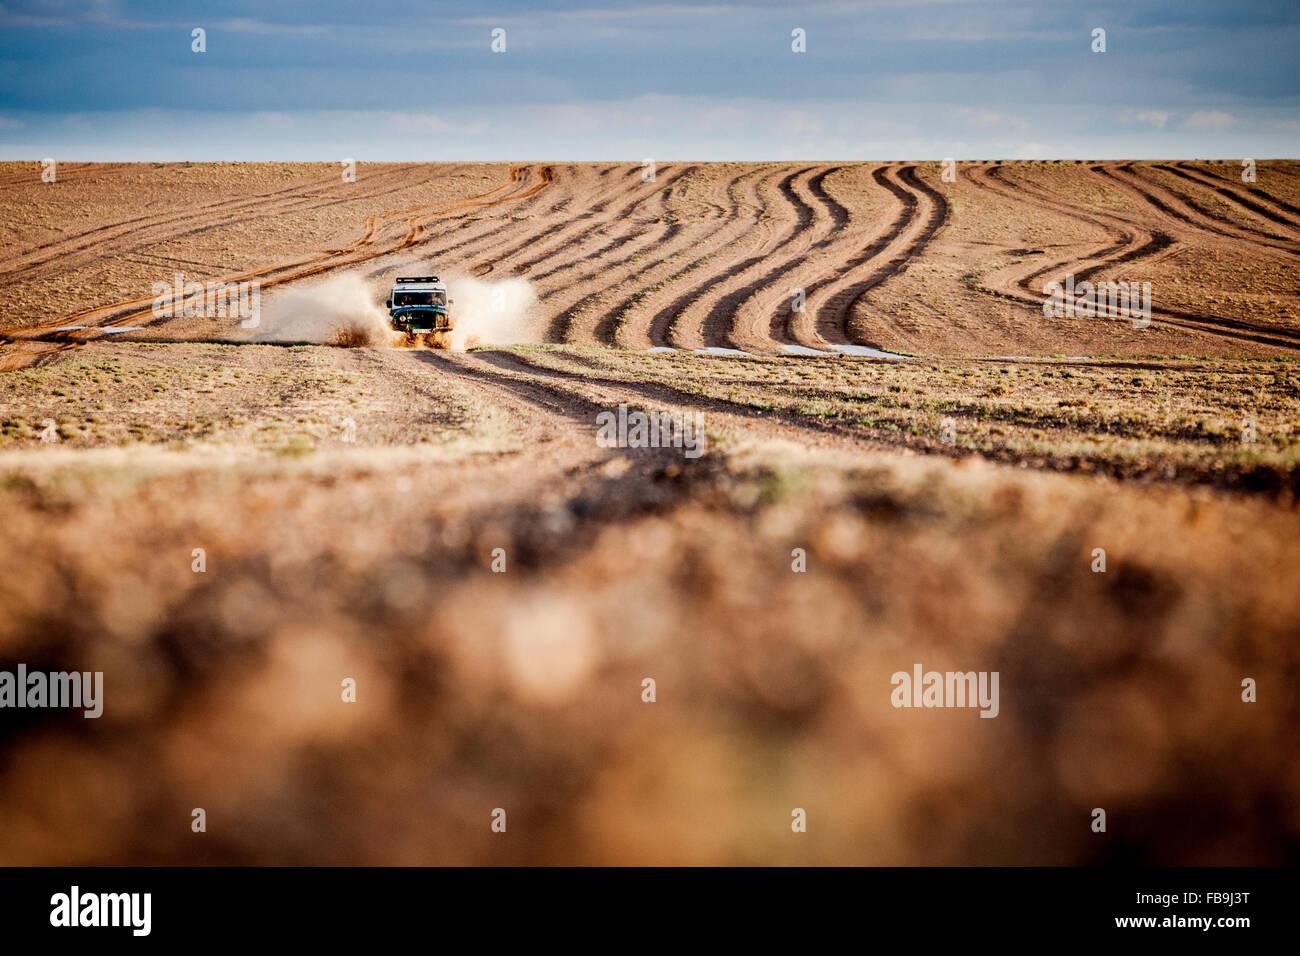 Un russo 4WD in azione nel Deserto del Gobi, Mongolia. Immagini Stock